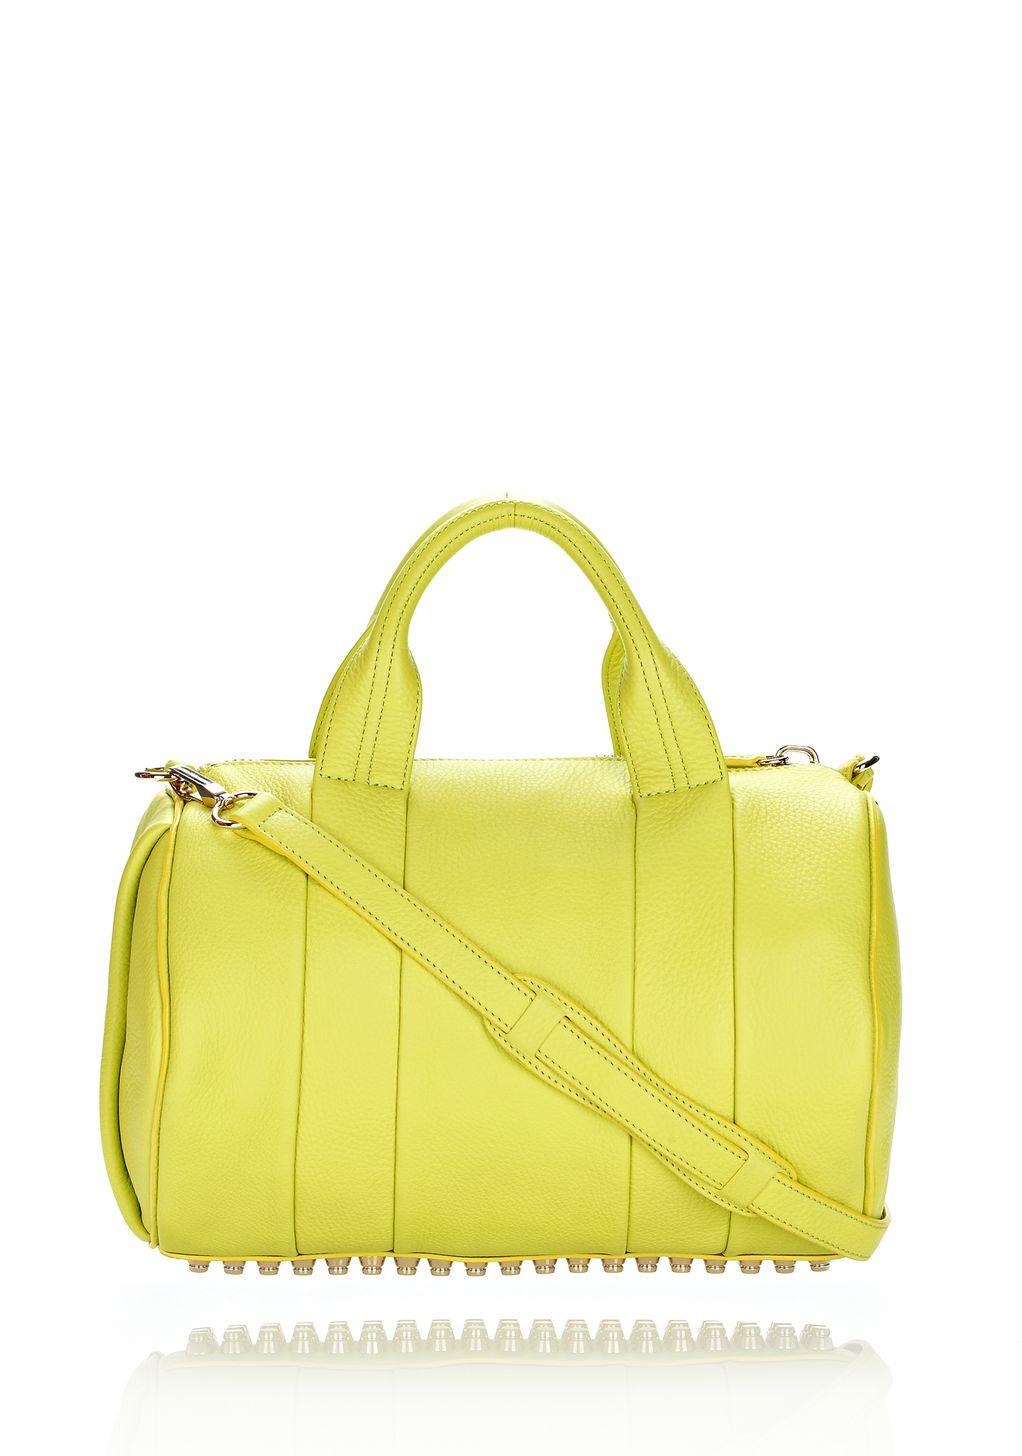 Alexander wang сумки на заказ